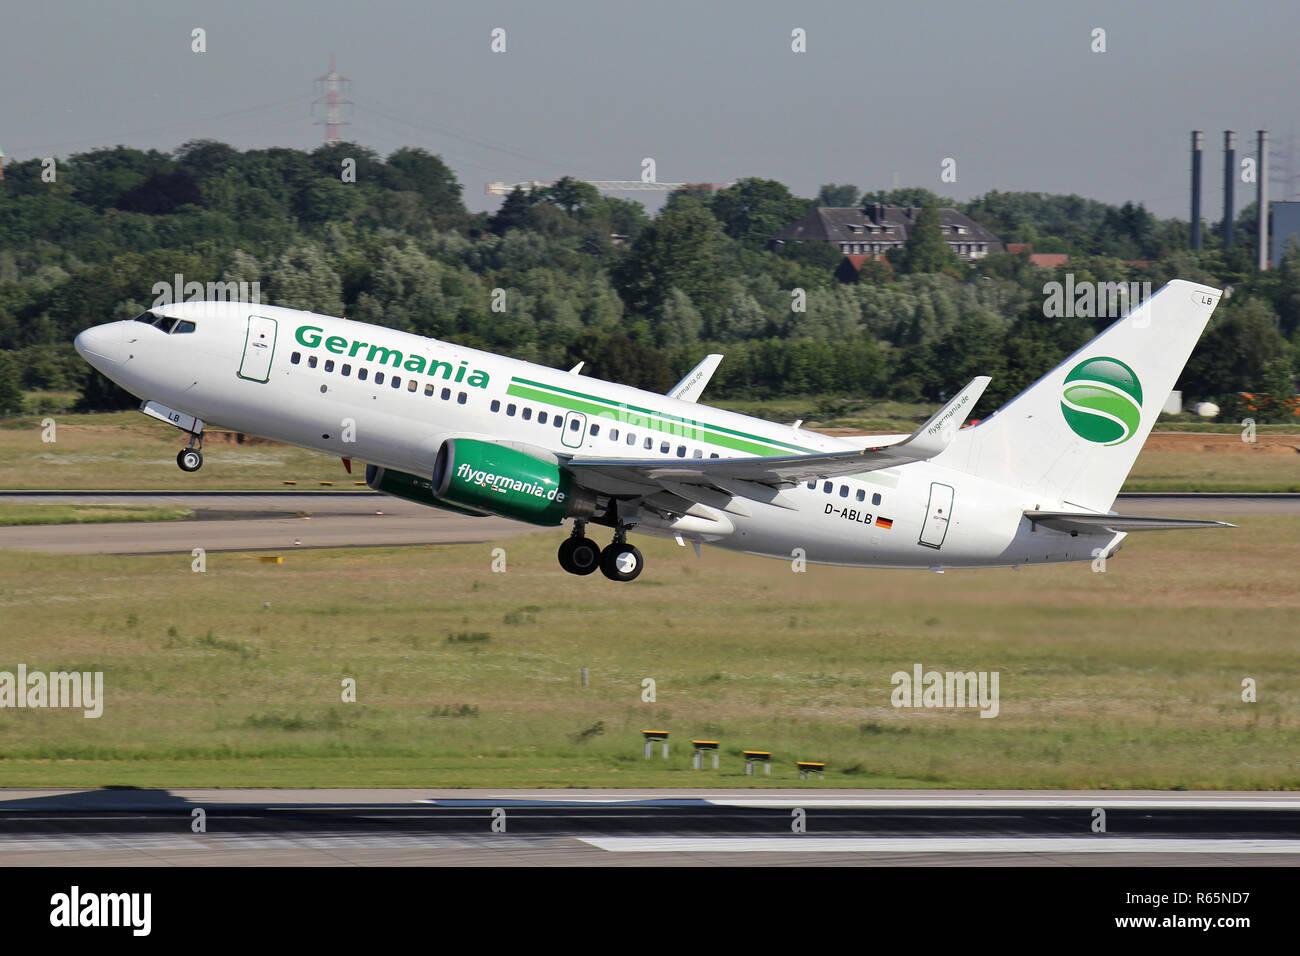 Il tedesco Germania Boeing 737-700 con registrazione D-ABLB appena airborne presso l'aeroporto di Dusseldorf. Immagini Stock